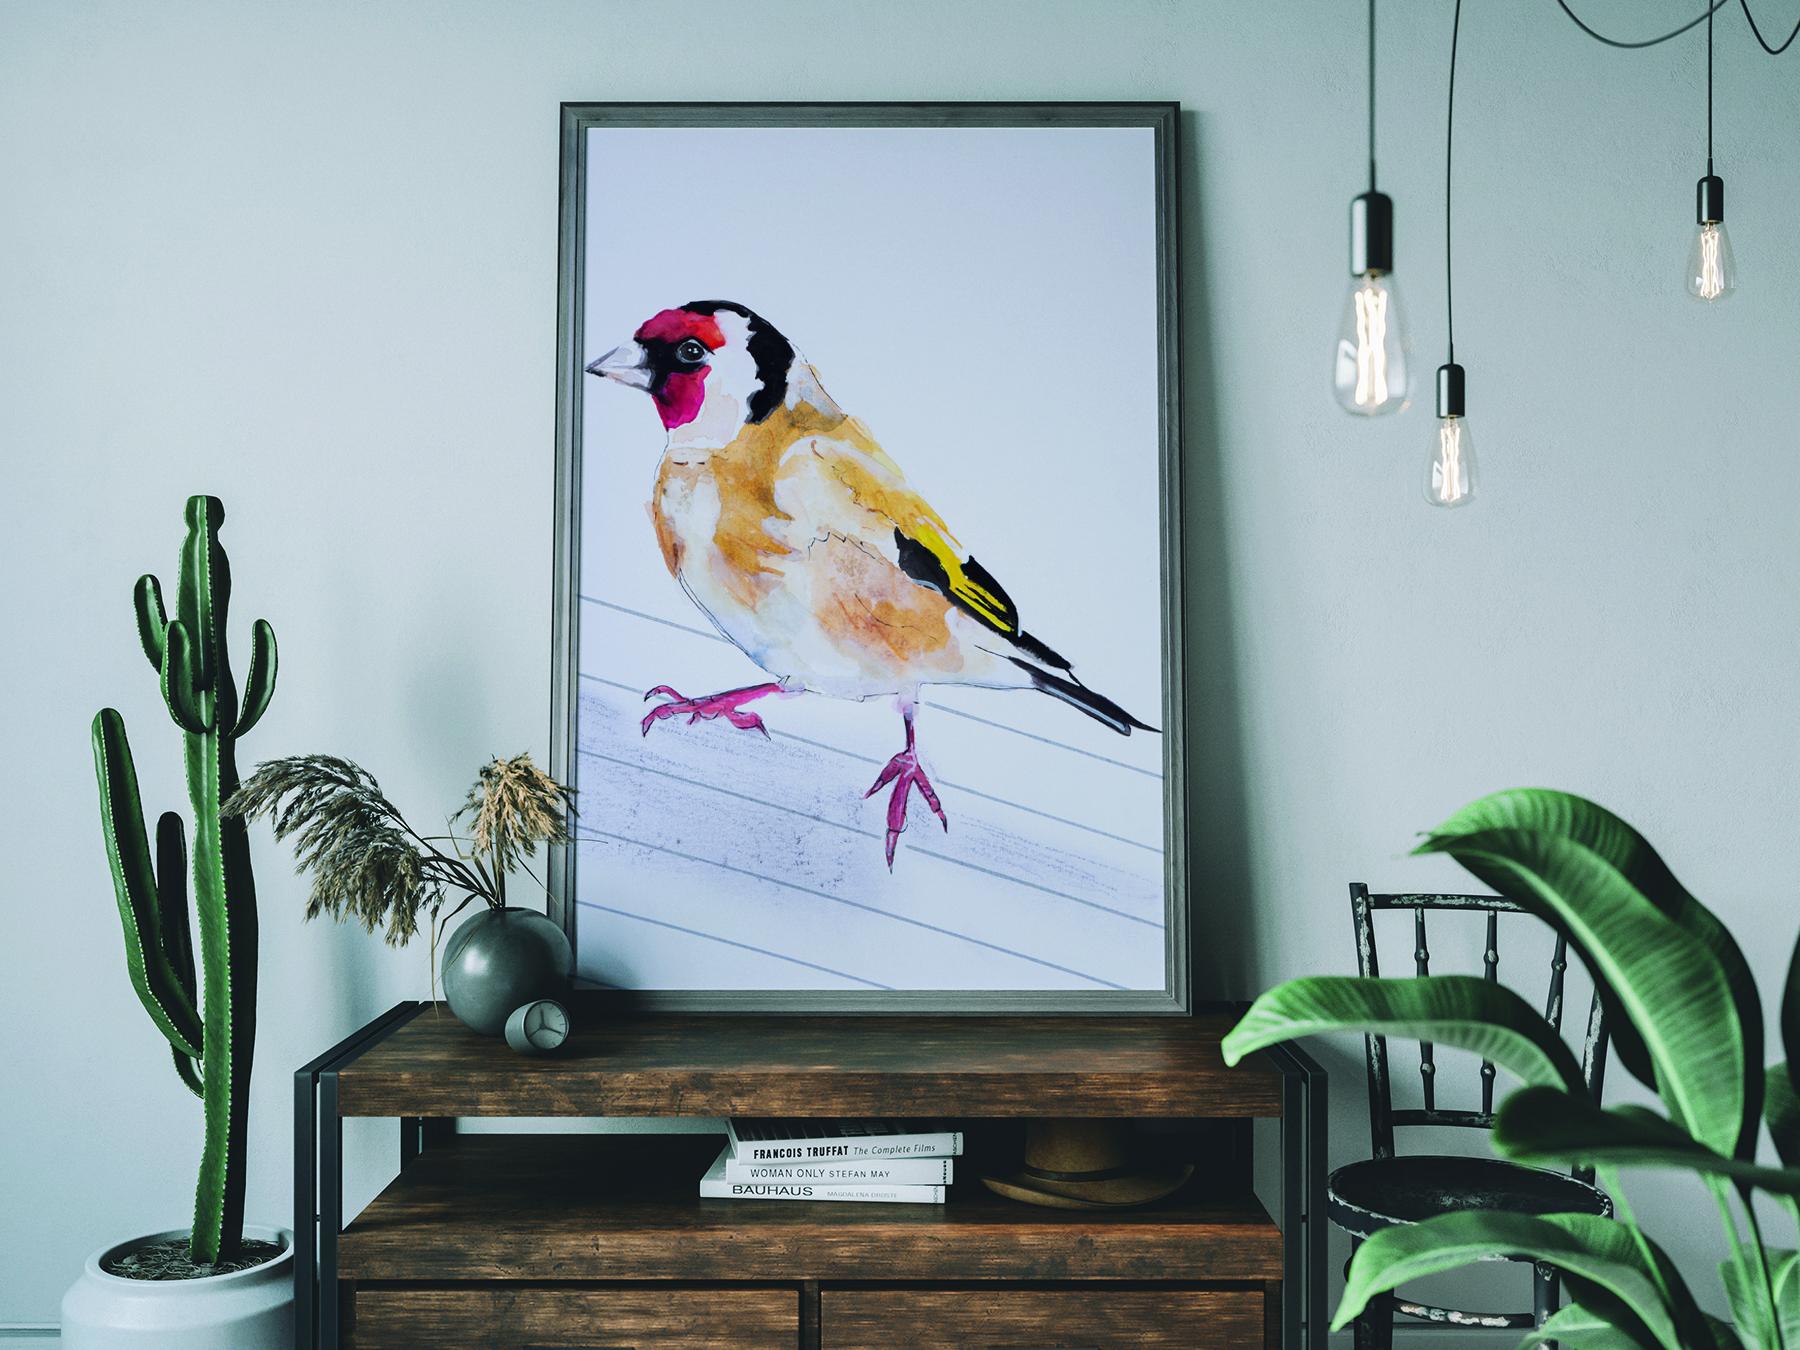 Putter vogel in aquarelverf, schilderij